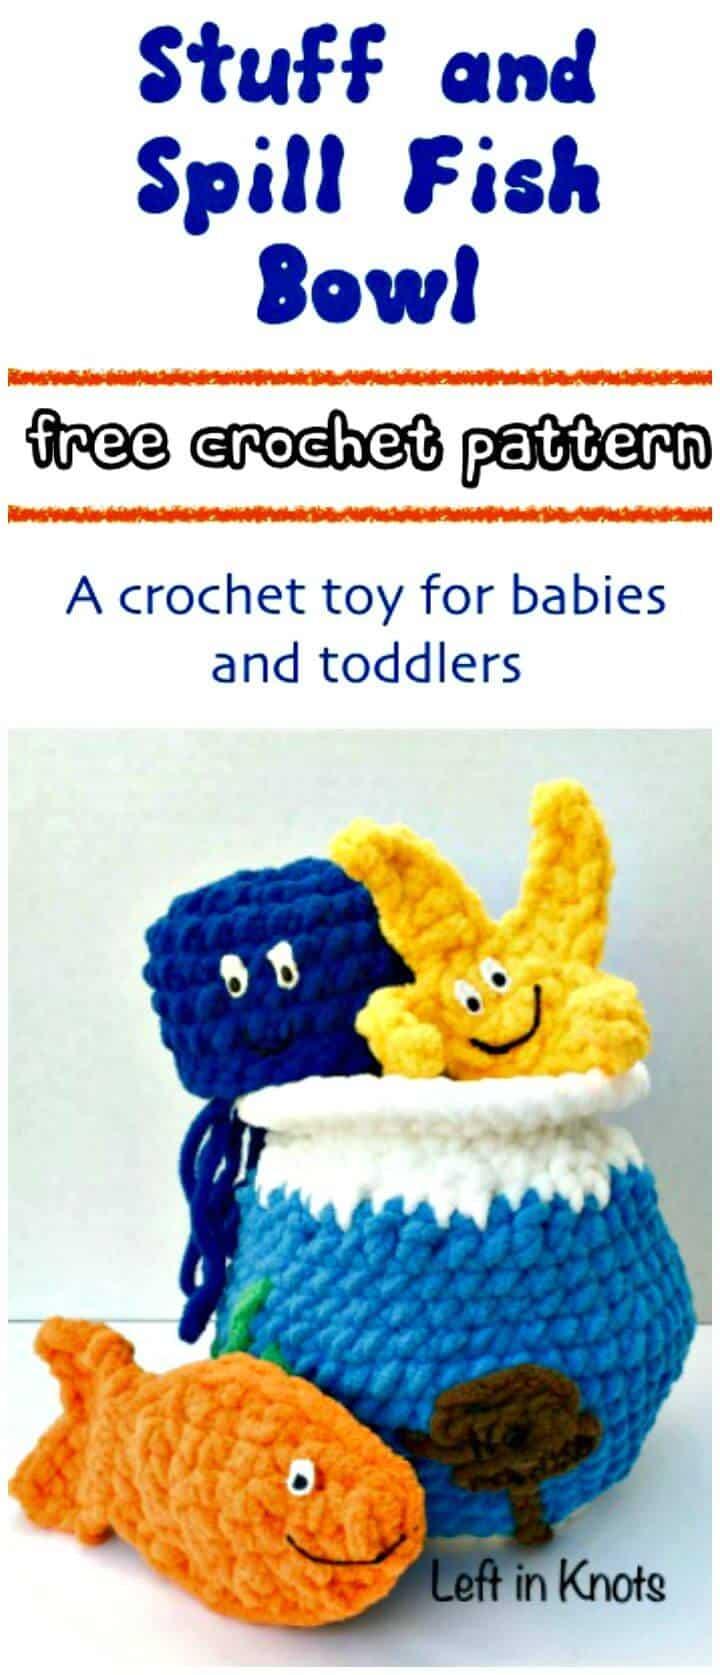 Crochet Stuff and Spill Fish Bowl Free Pattern